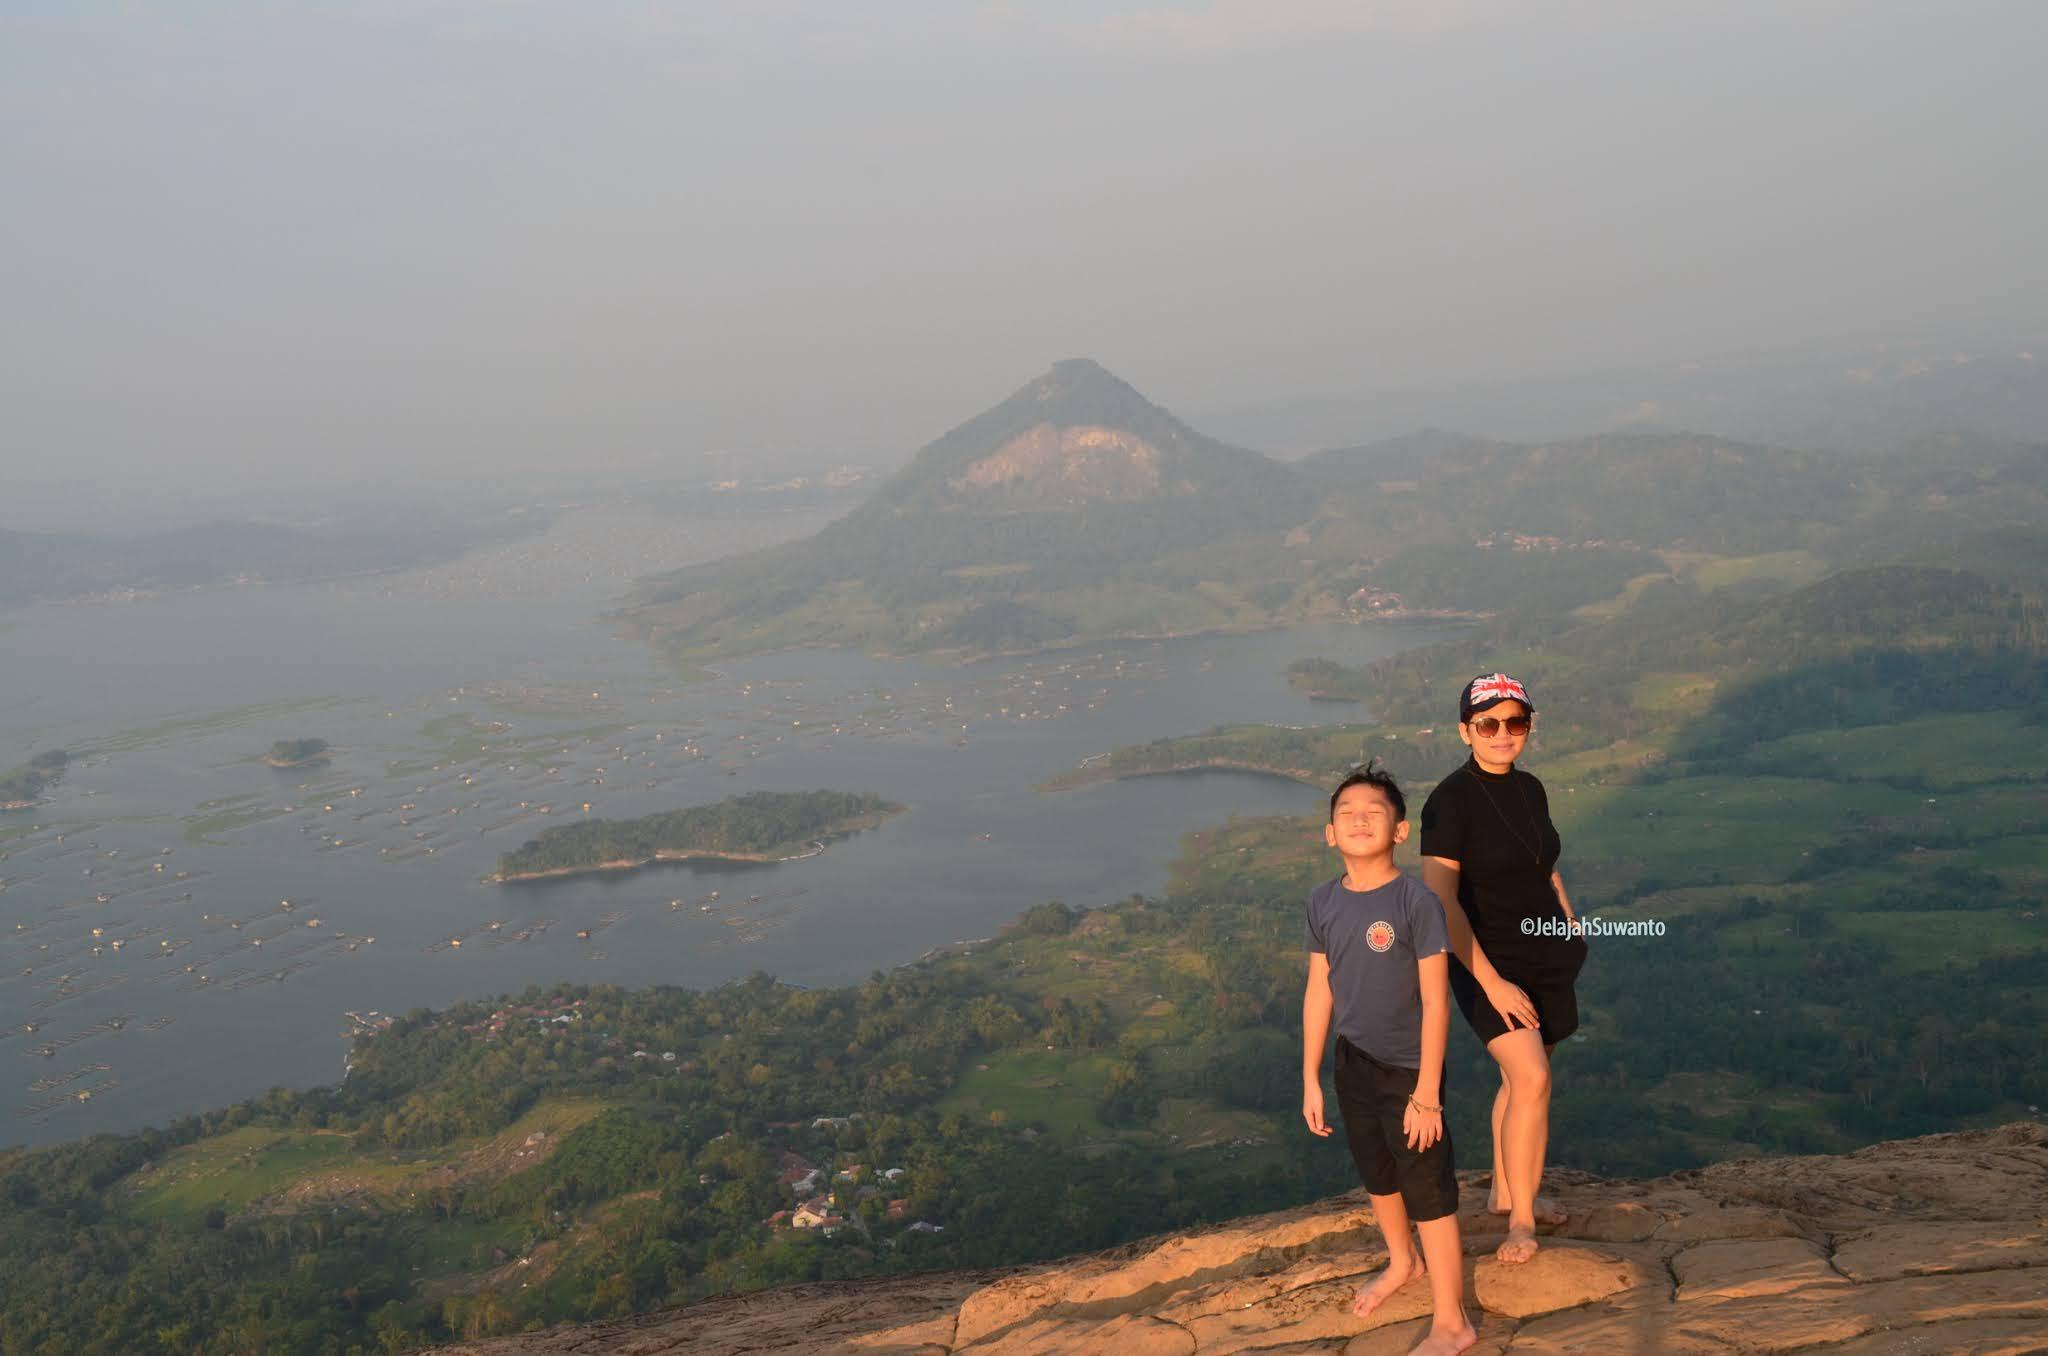 Jelajah Keluarga Suwanto Gunung Lembu Purwakarta Trek Bersahabat Untuk Pendaki Cilik